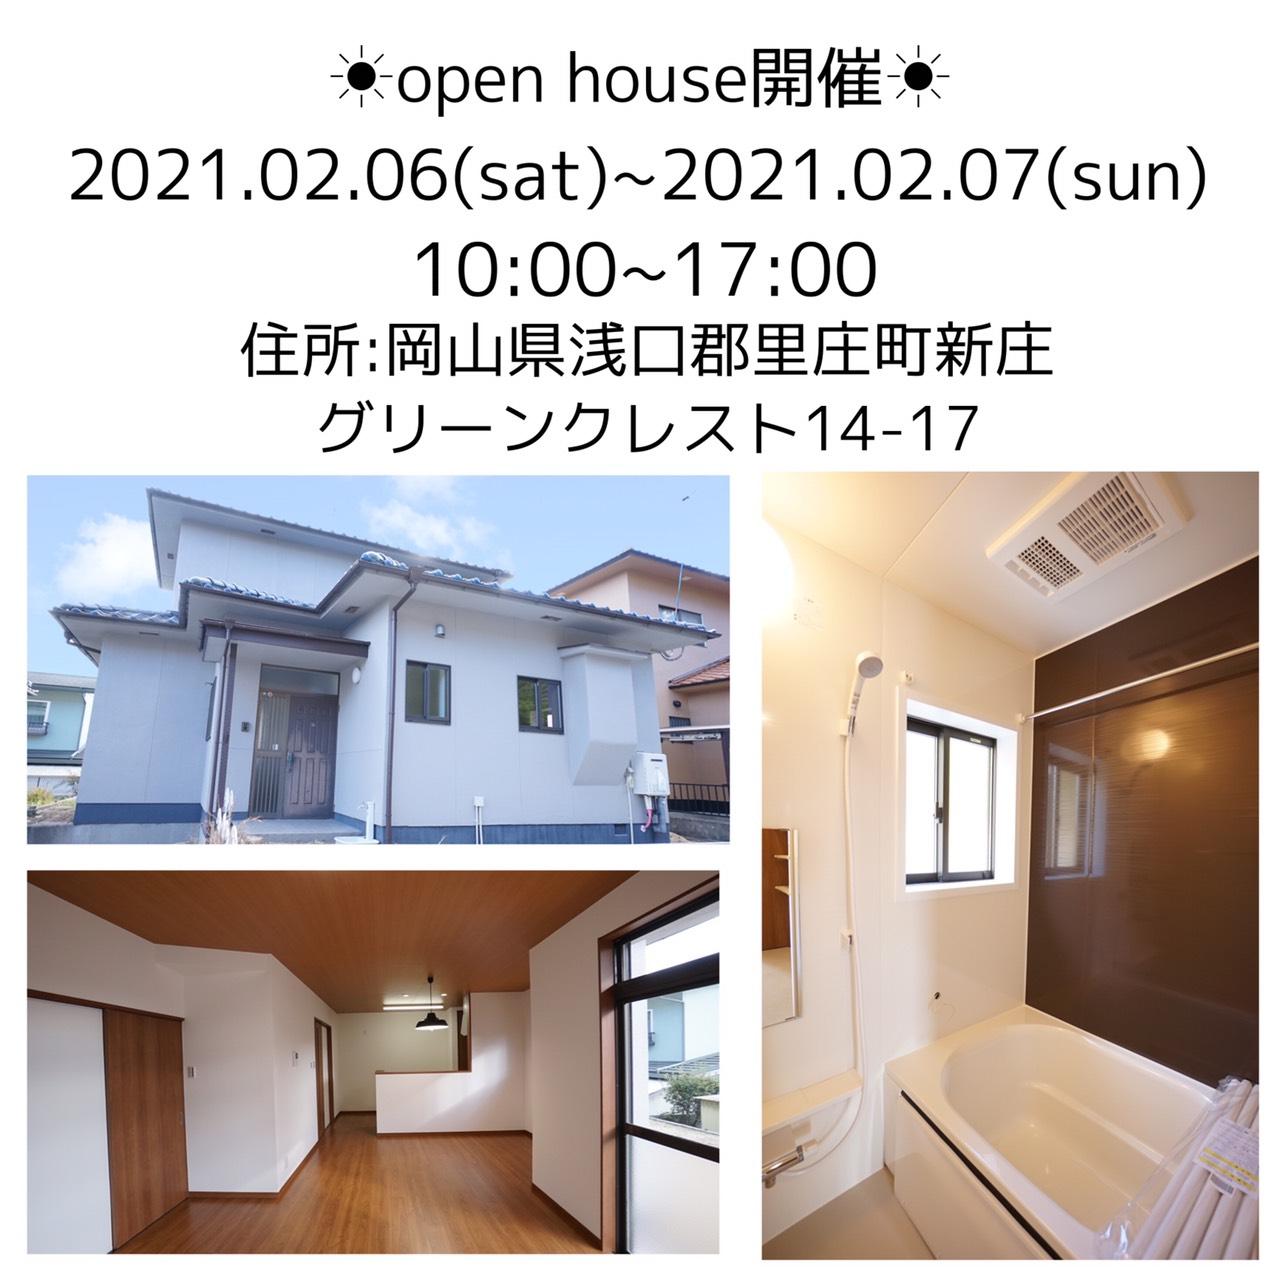 岡山県浅口郡里庄町オープンハウス開催します!!